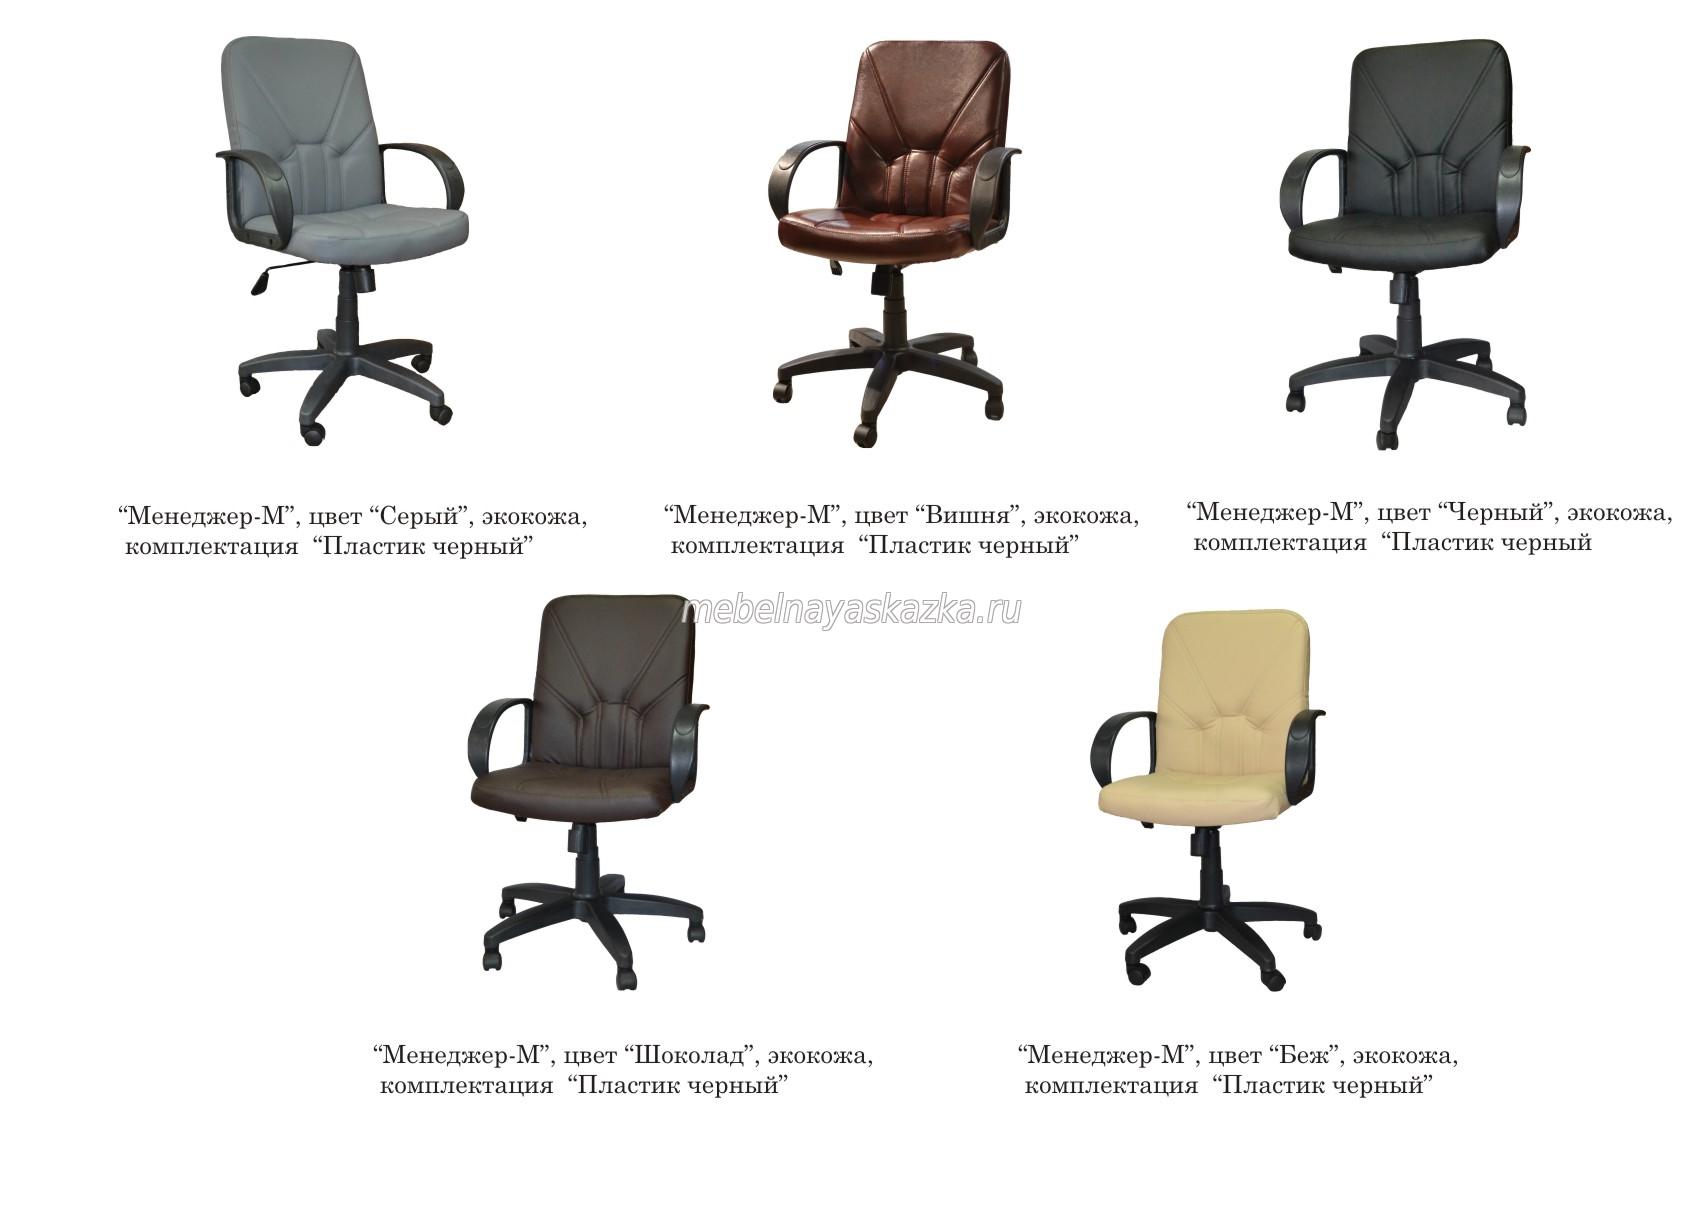 """Офисное кресло """"Менеджер-М"""""""